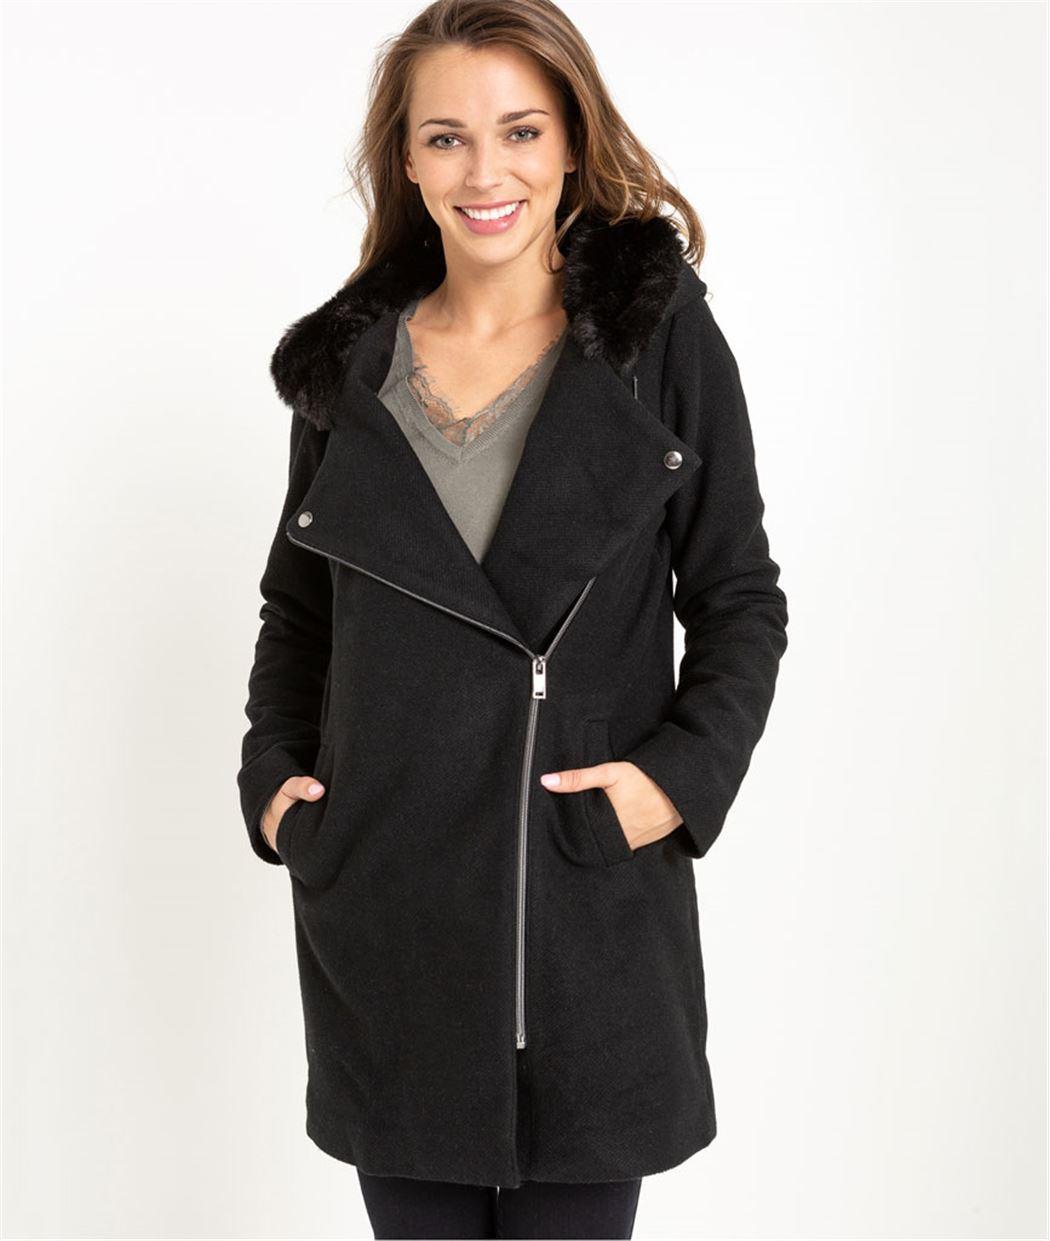 Manteau femme avec fausse fourrure